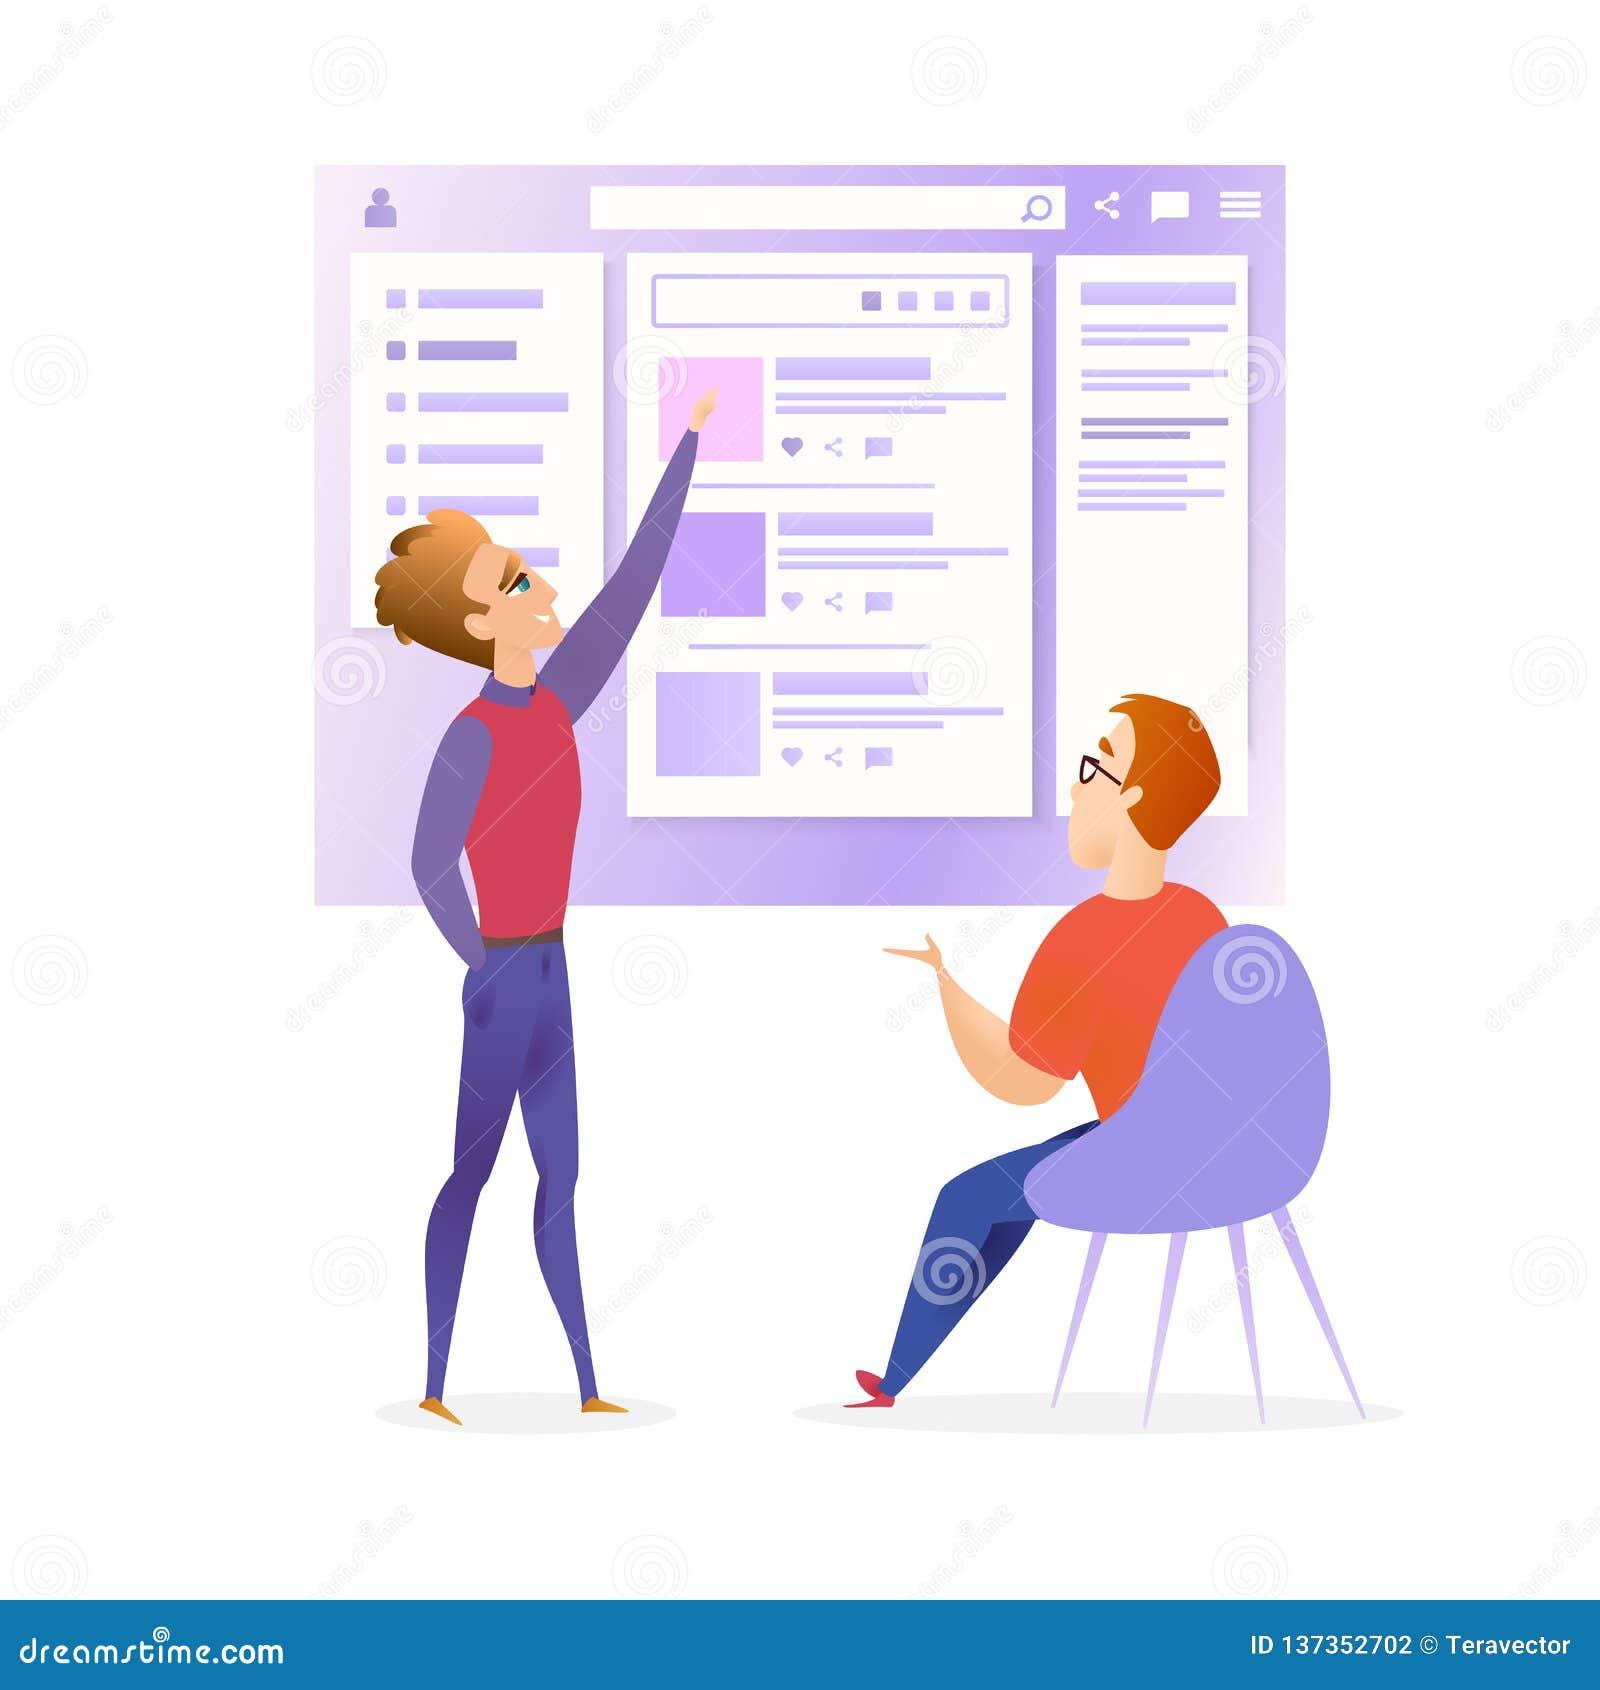 De Ontwerper Developer Meeting Banner van websiteui